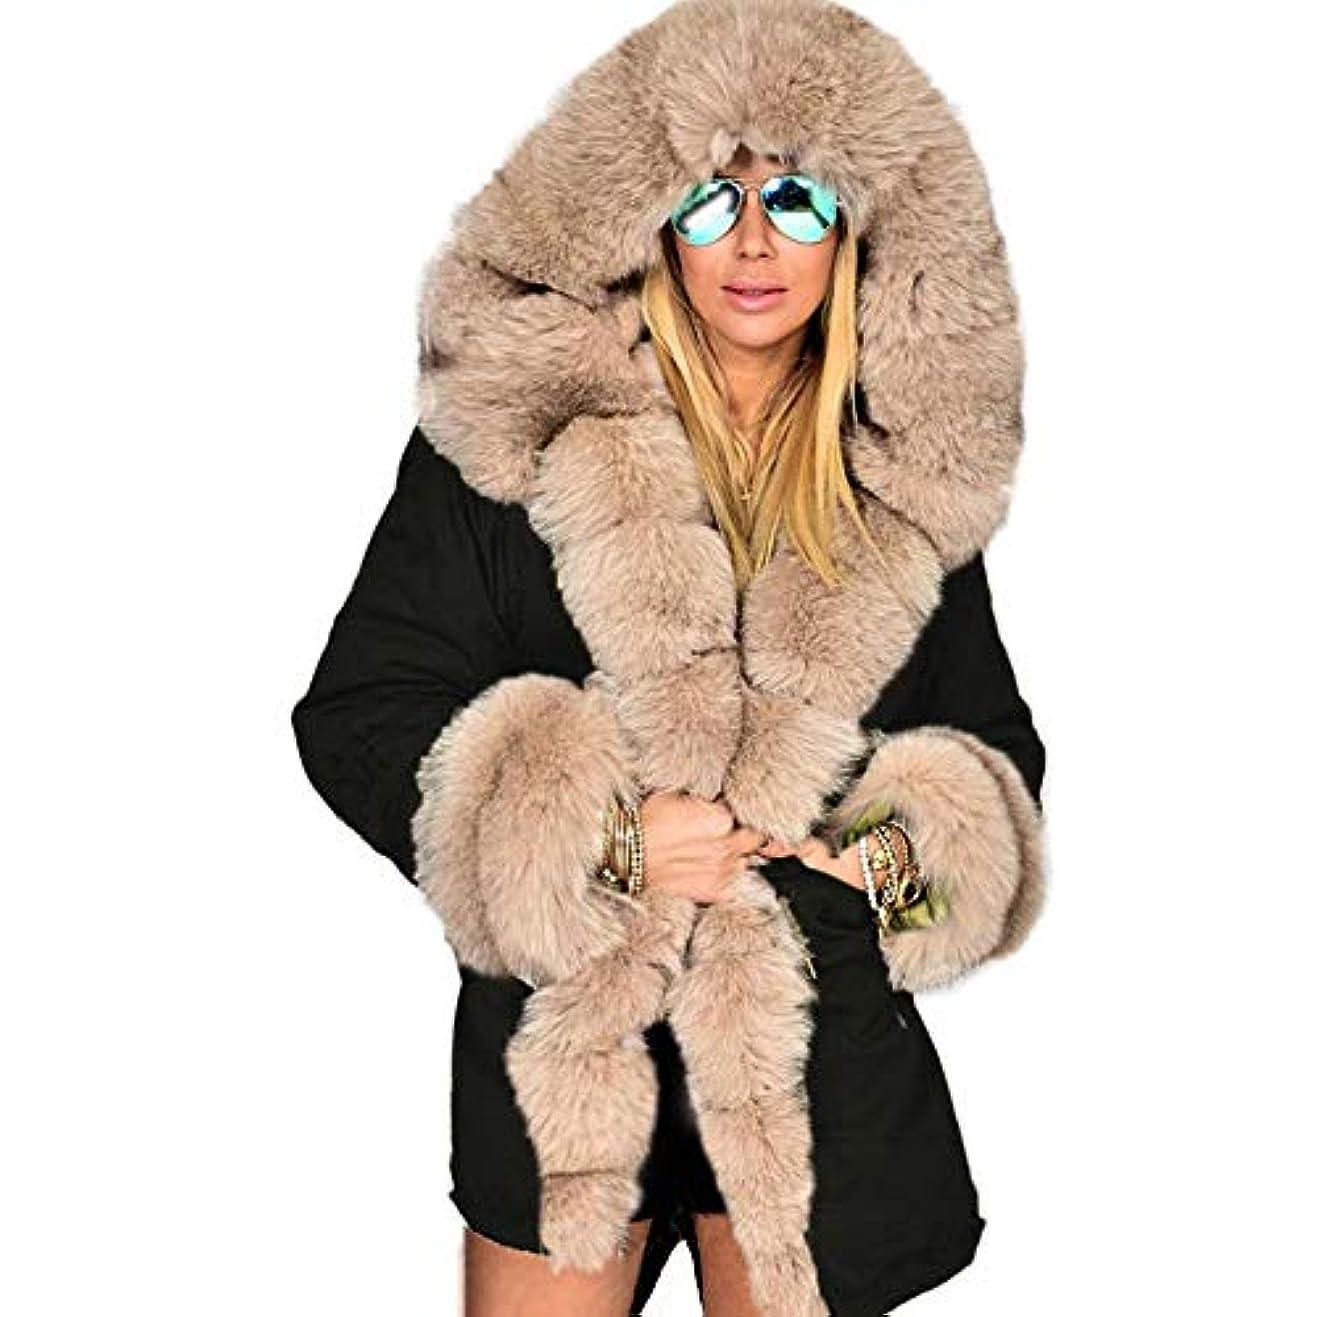 偉業不潔でる冬ジャケット女性ファッションフードコートフェイクファーカラーコットンフリースウォームコートパーカスパーカープラスサイズロングコート,XXL